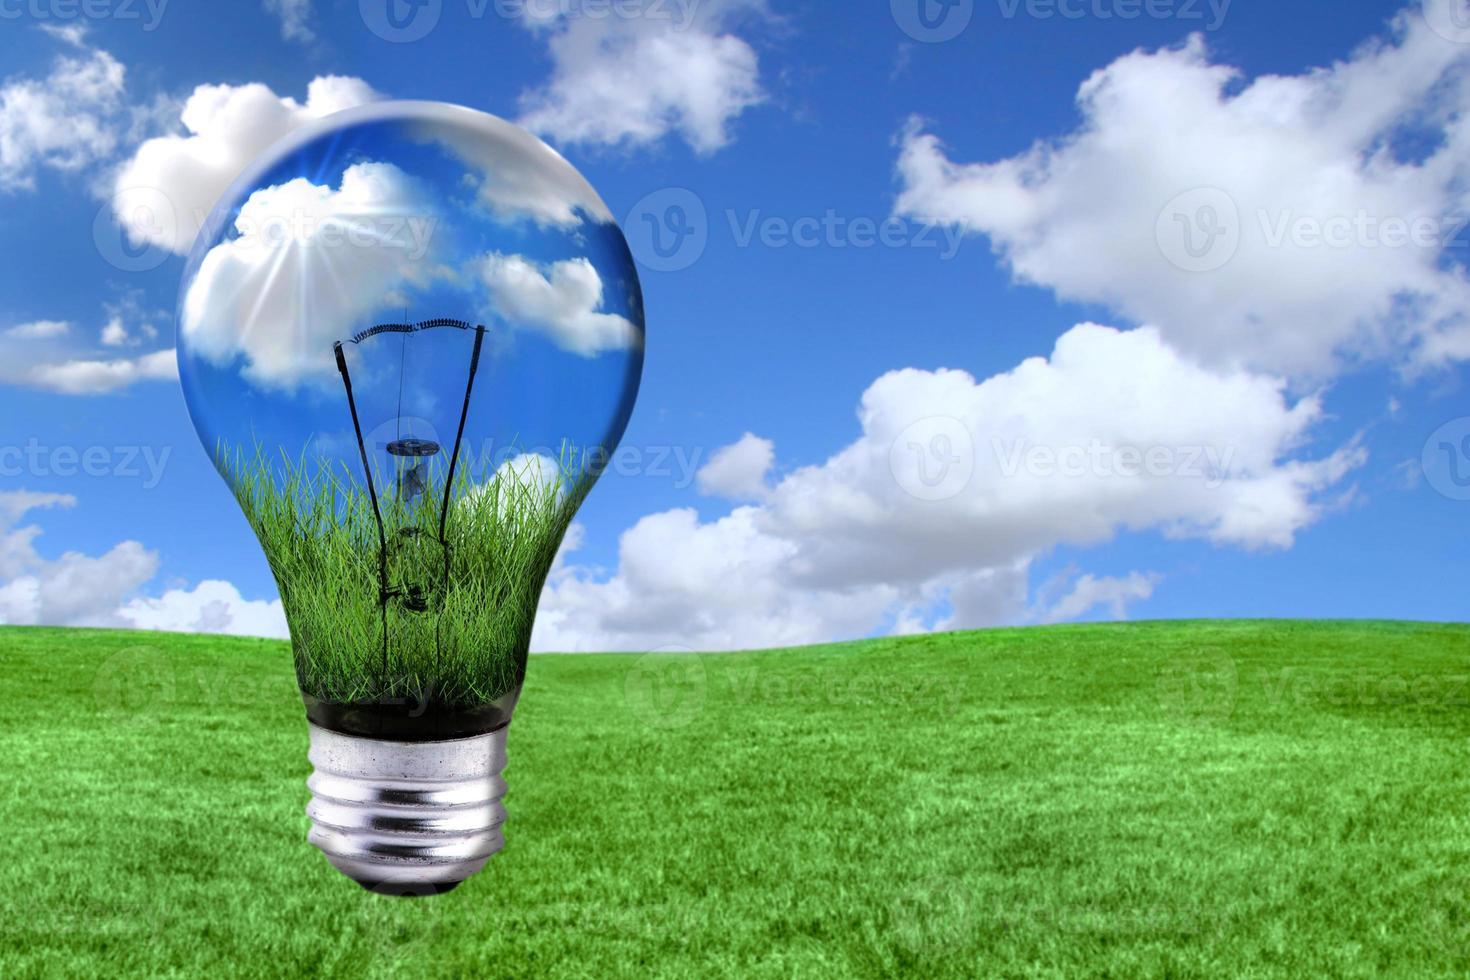 groene energieoplossingen met gloeilamp veranderd in landschap foto